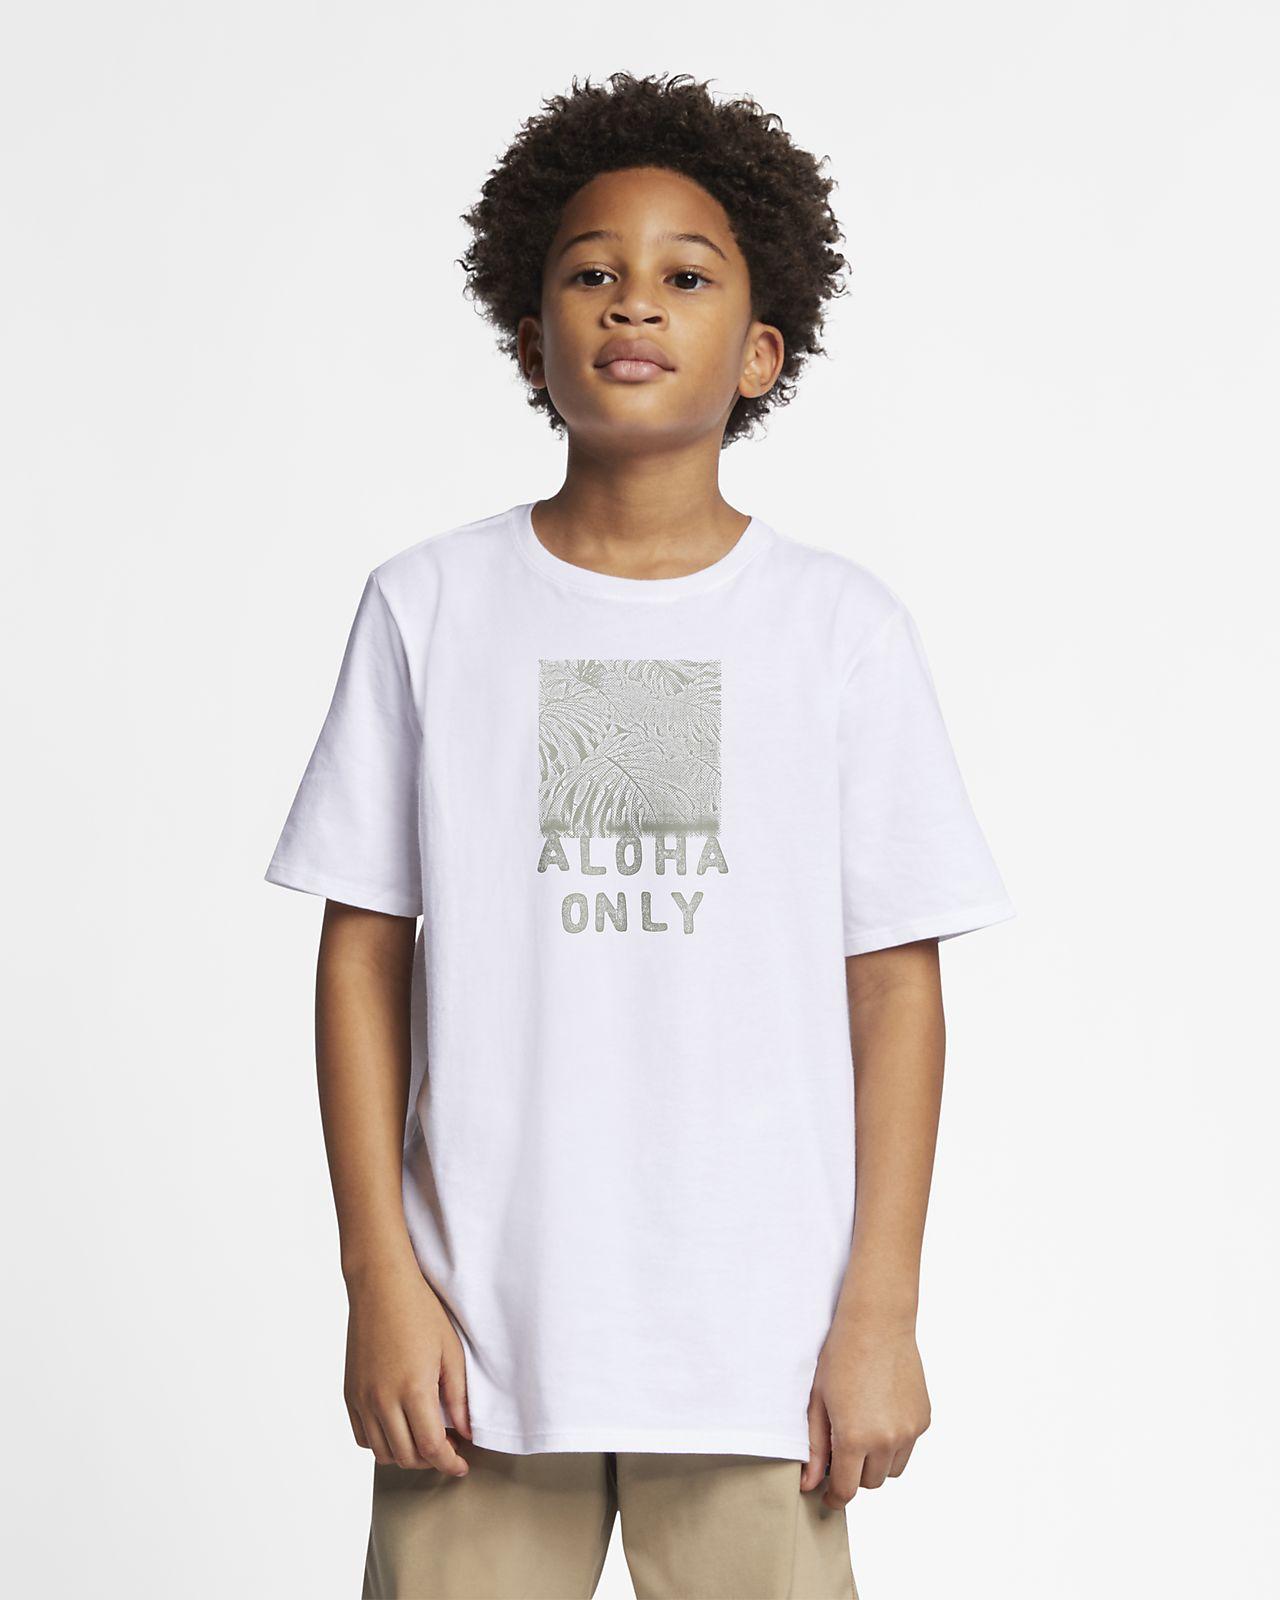 Hurley Premium Aloha Only Boys' T-Shirt